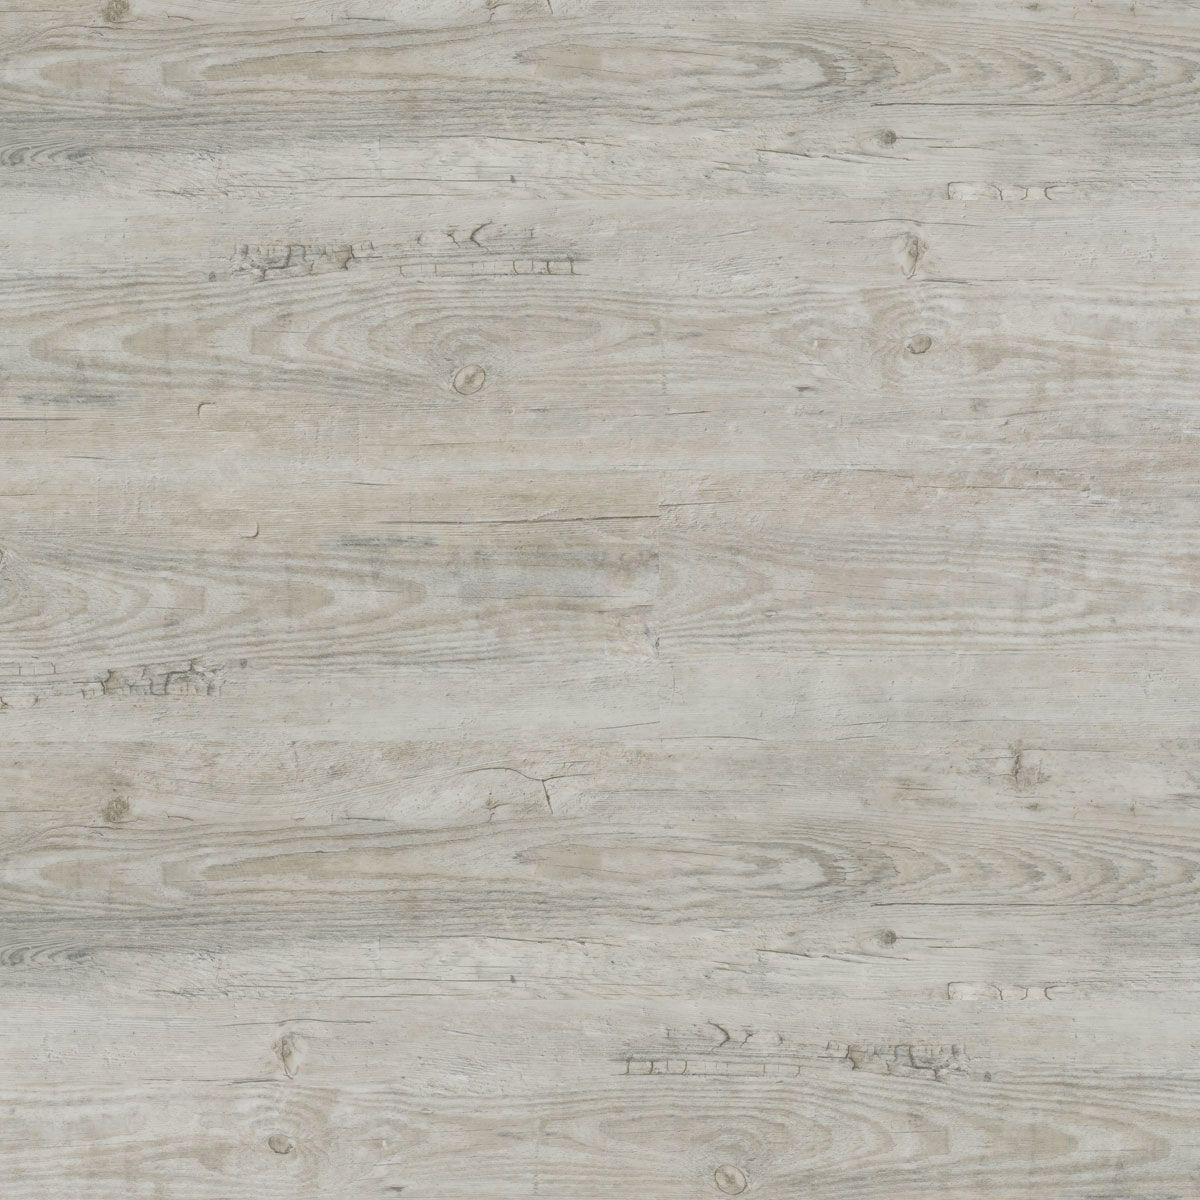 Lame PVC clipsable gris effet vintage 4,2mm Matera